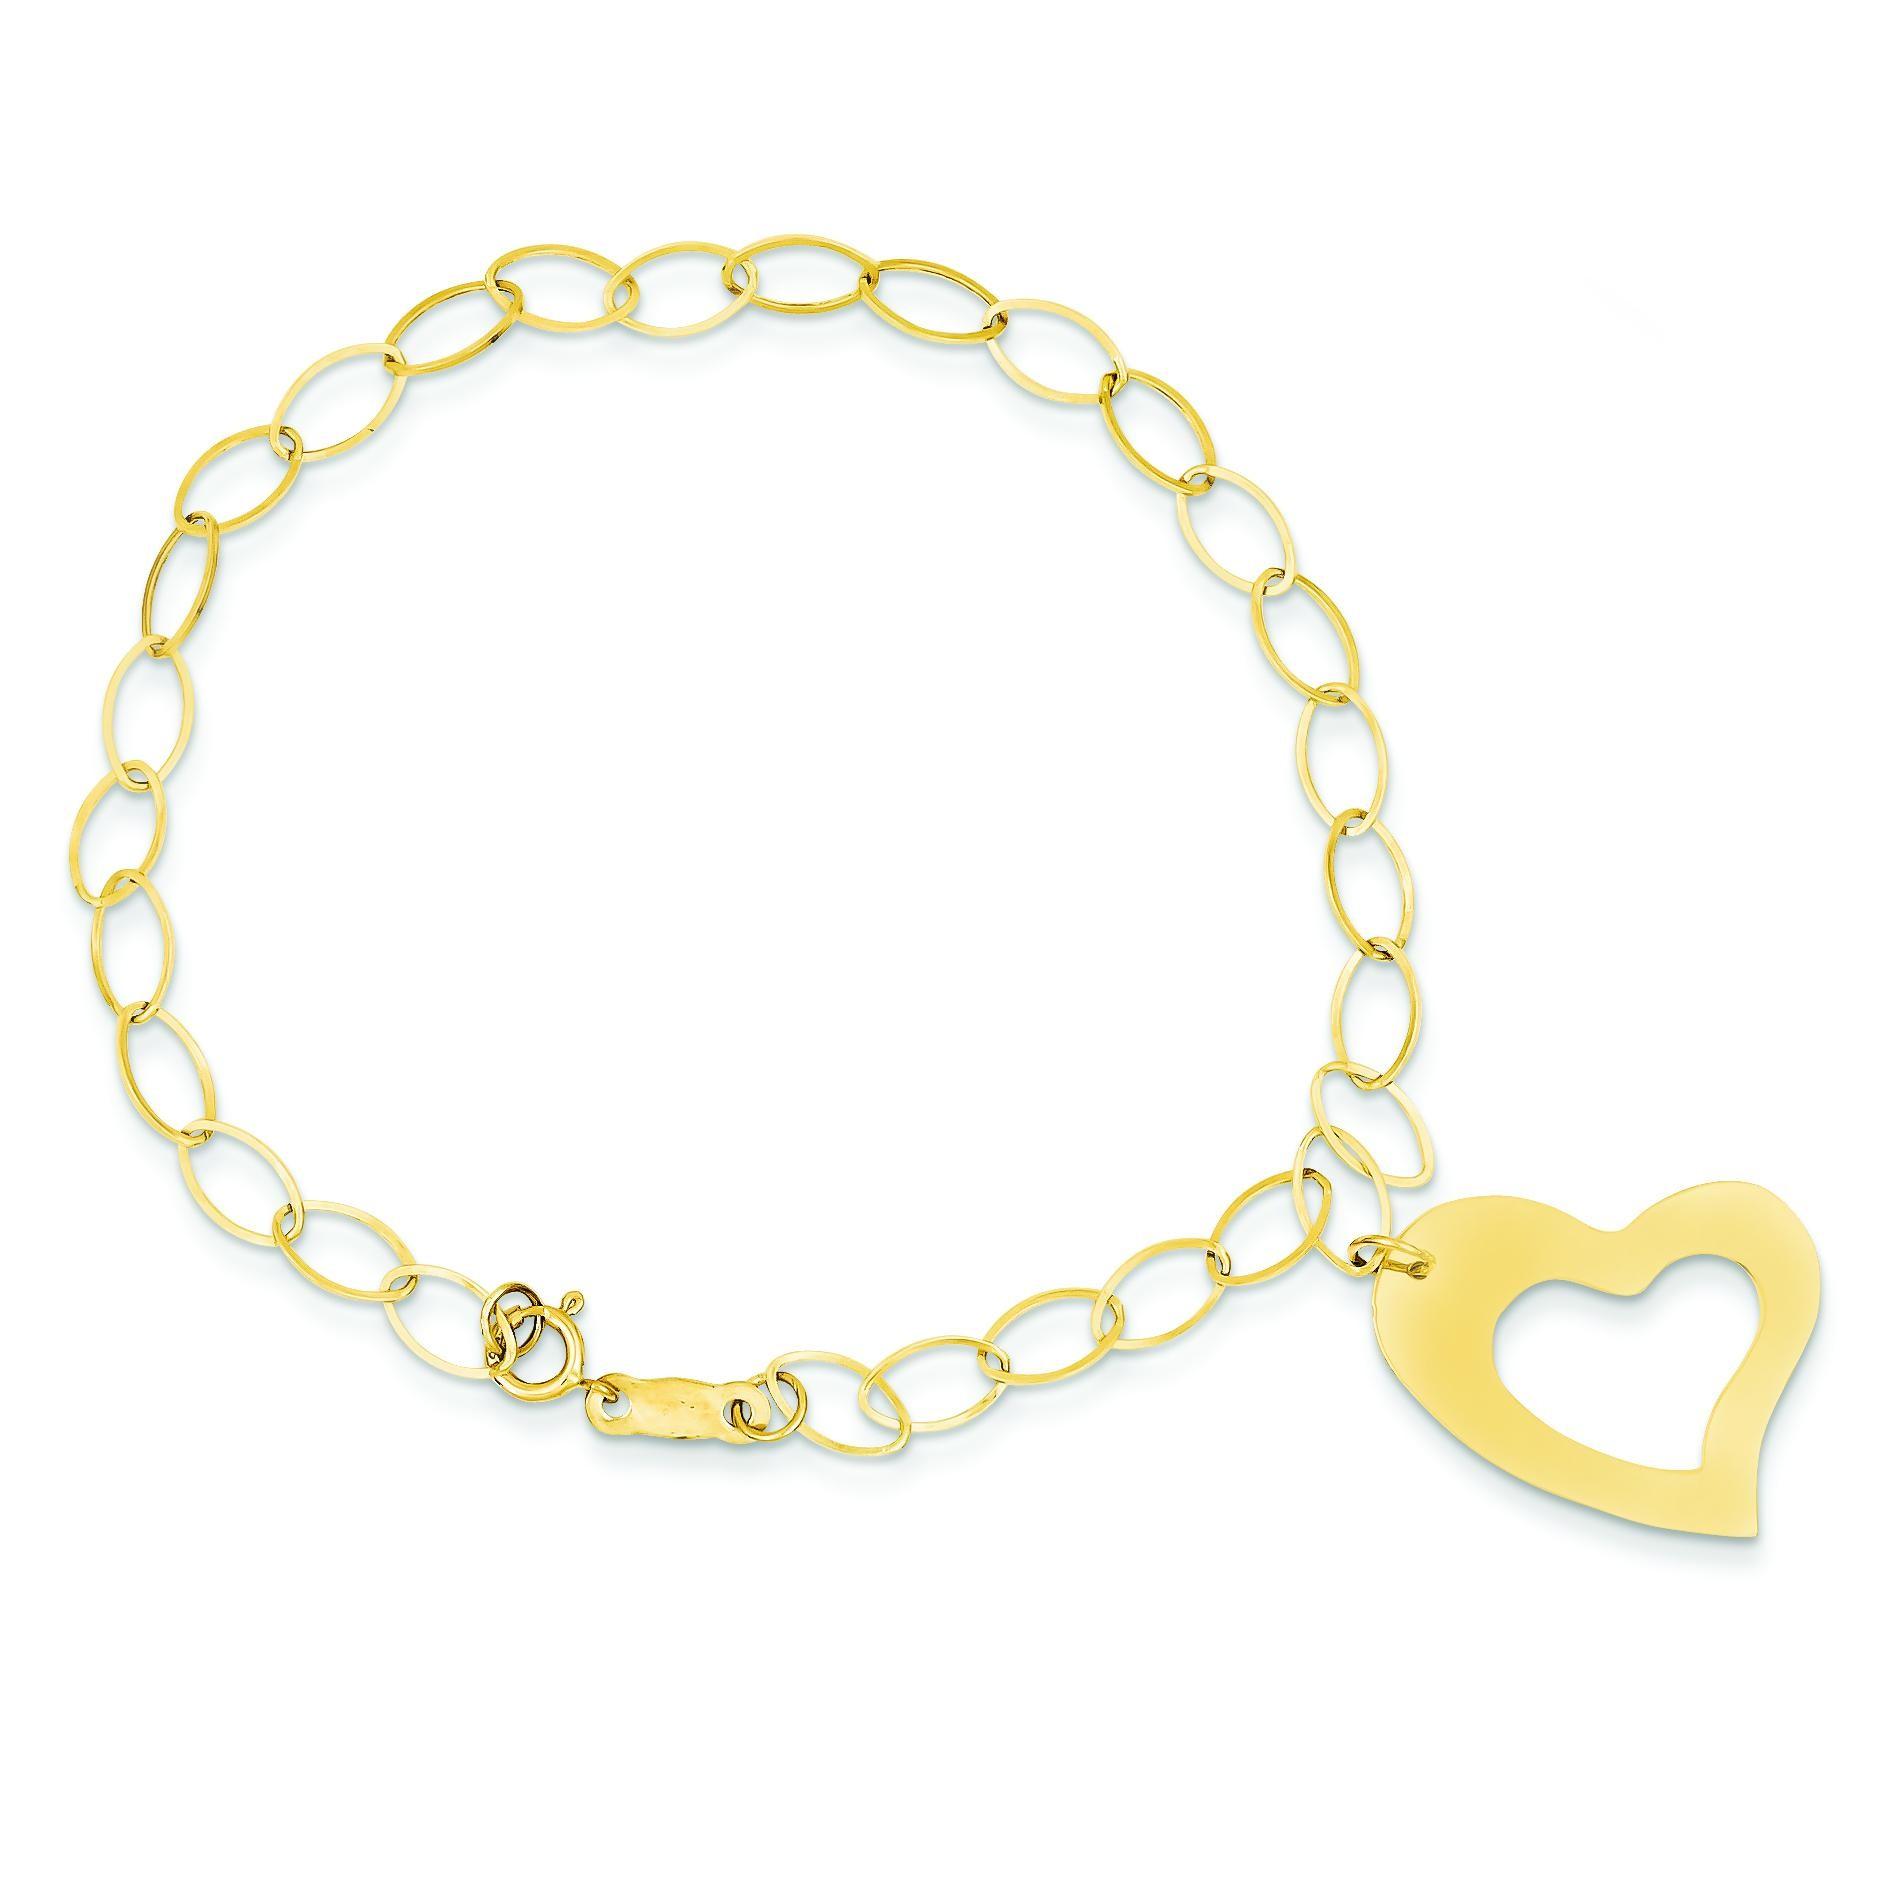 Heart Bracelet in 14k Yellow Gold